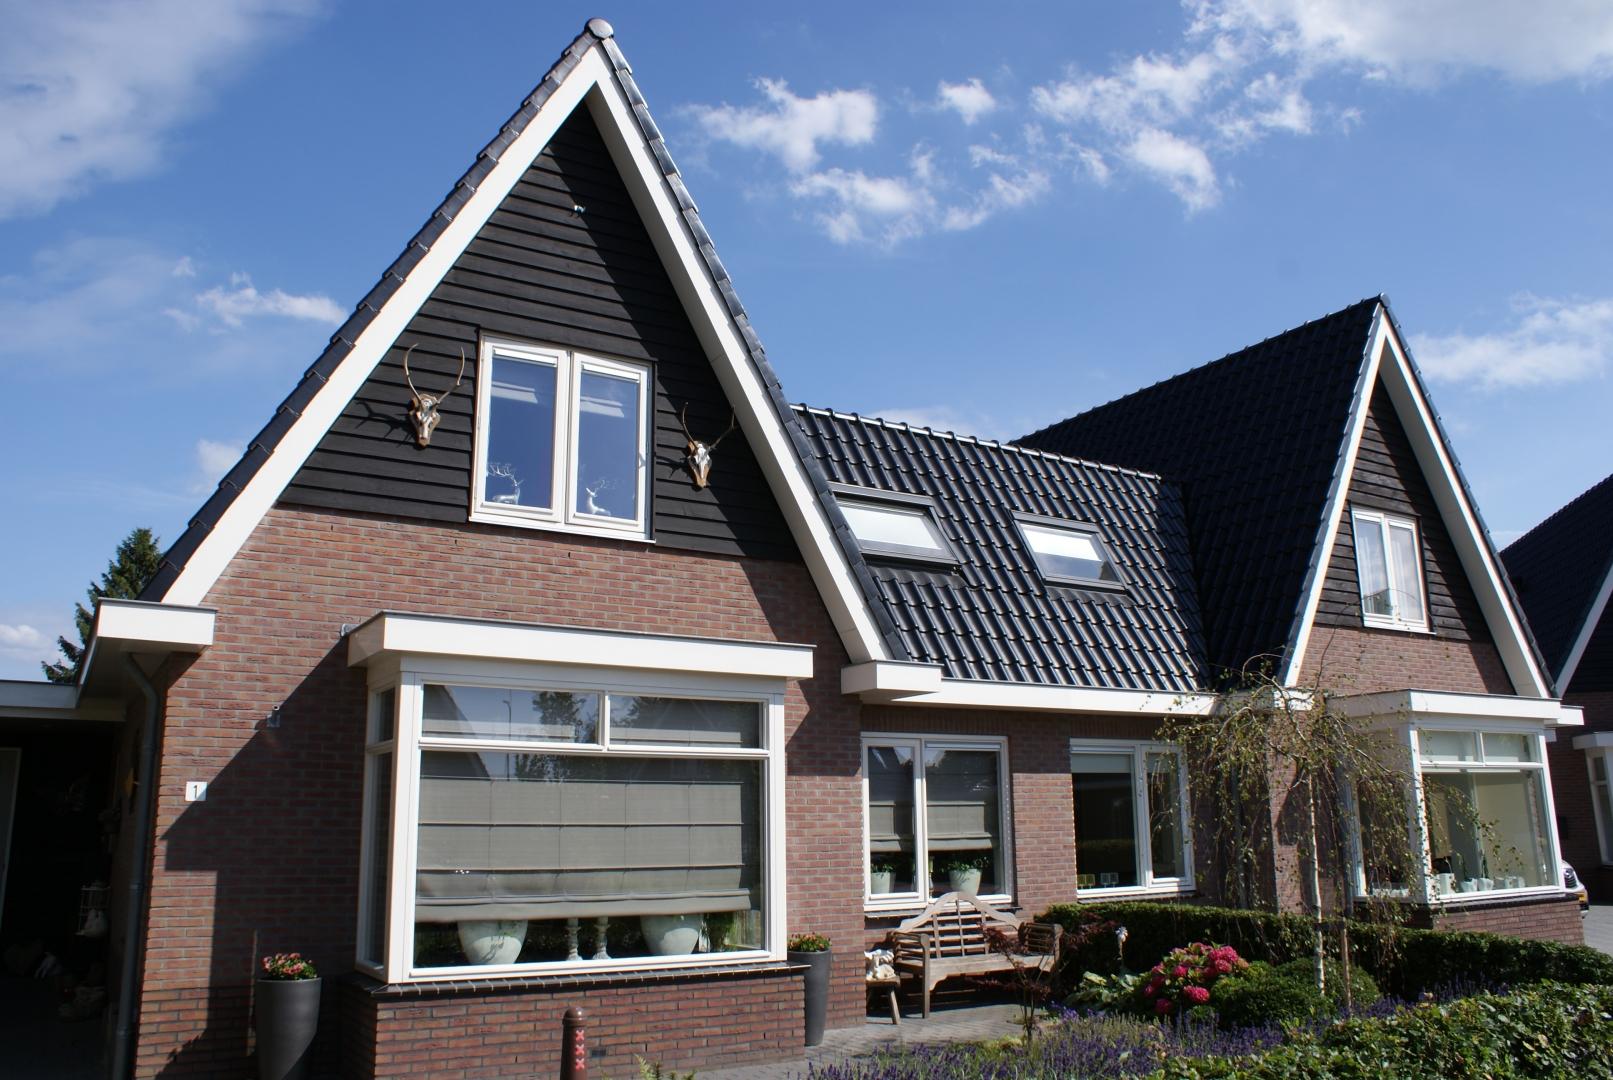 Bouw van twee geschakelde woningen aan Pieter Vijgehof in Putten